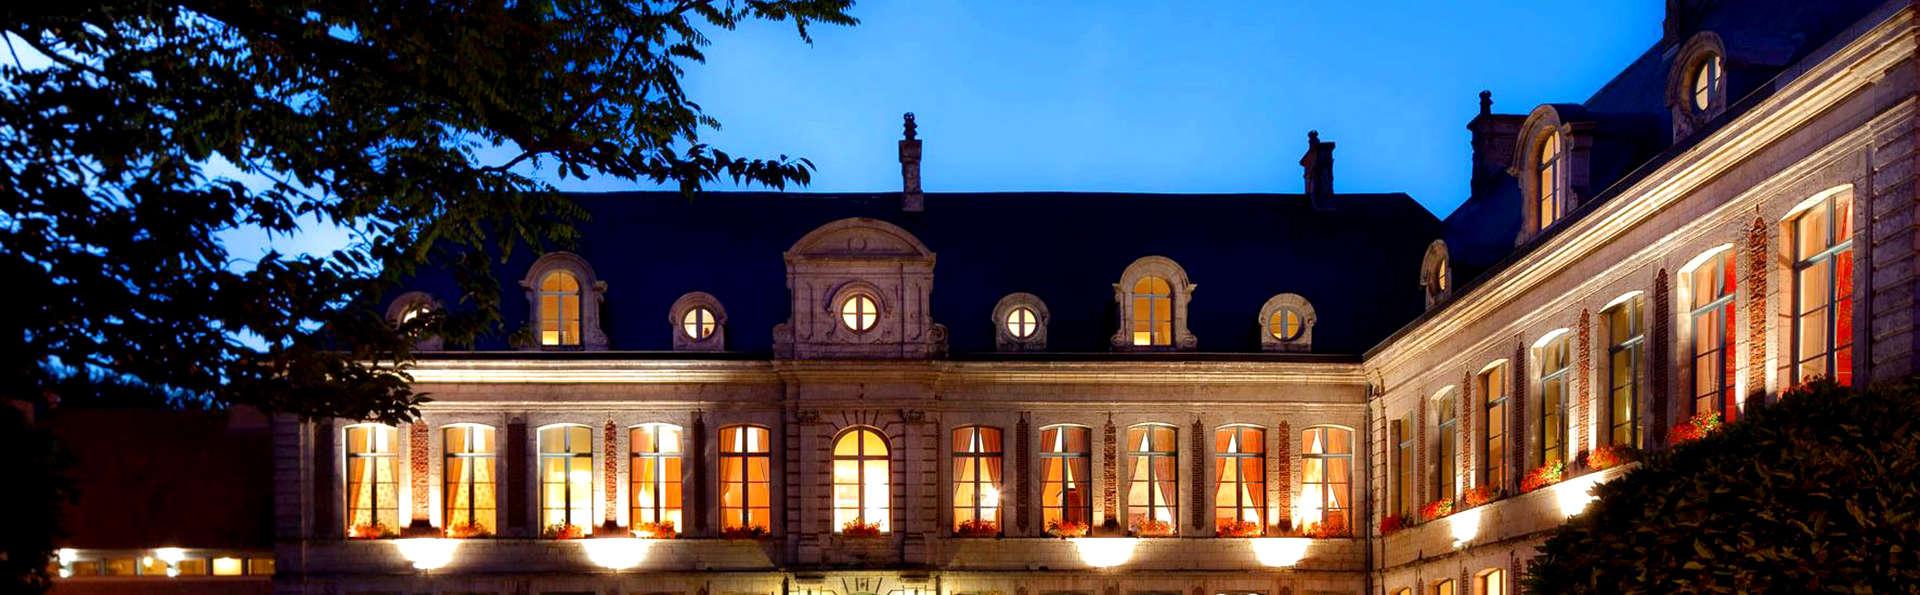 Week-end dans un Château du XVIIIè siècle à 20 minutes de Lens